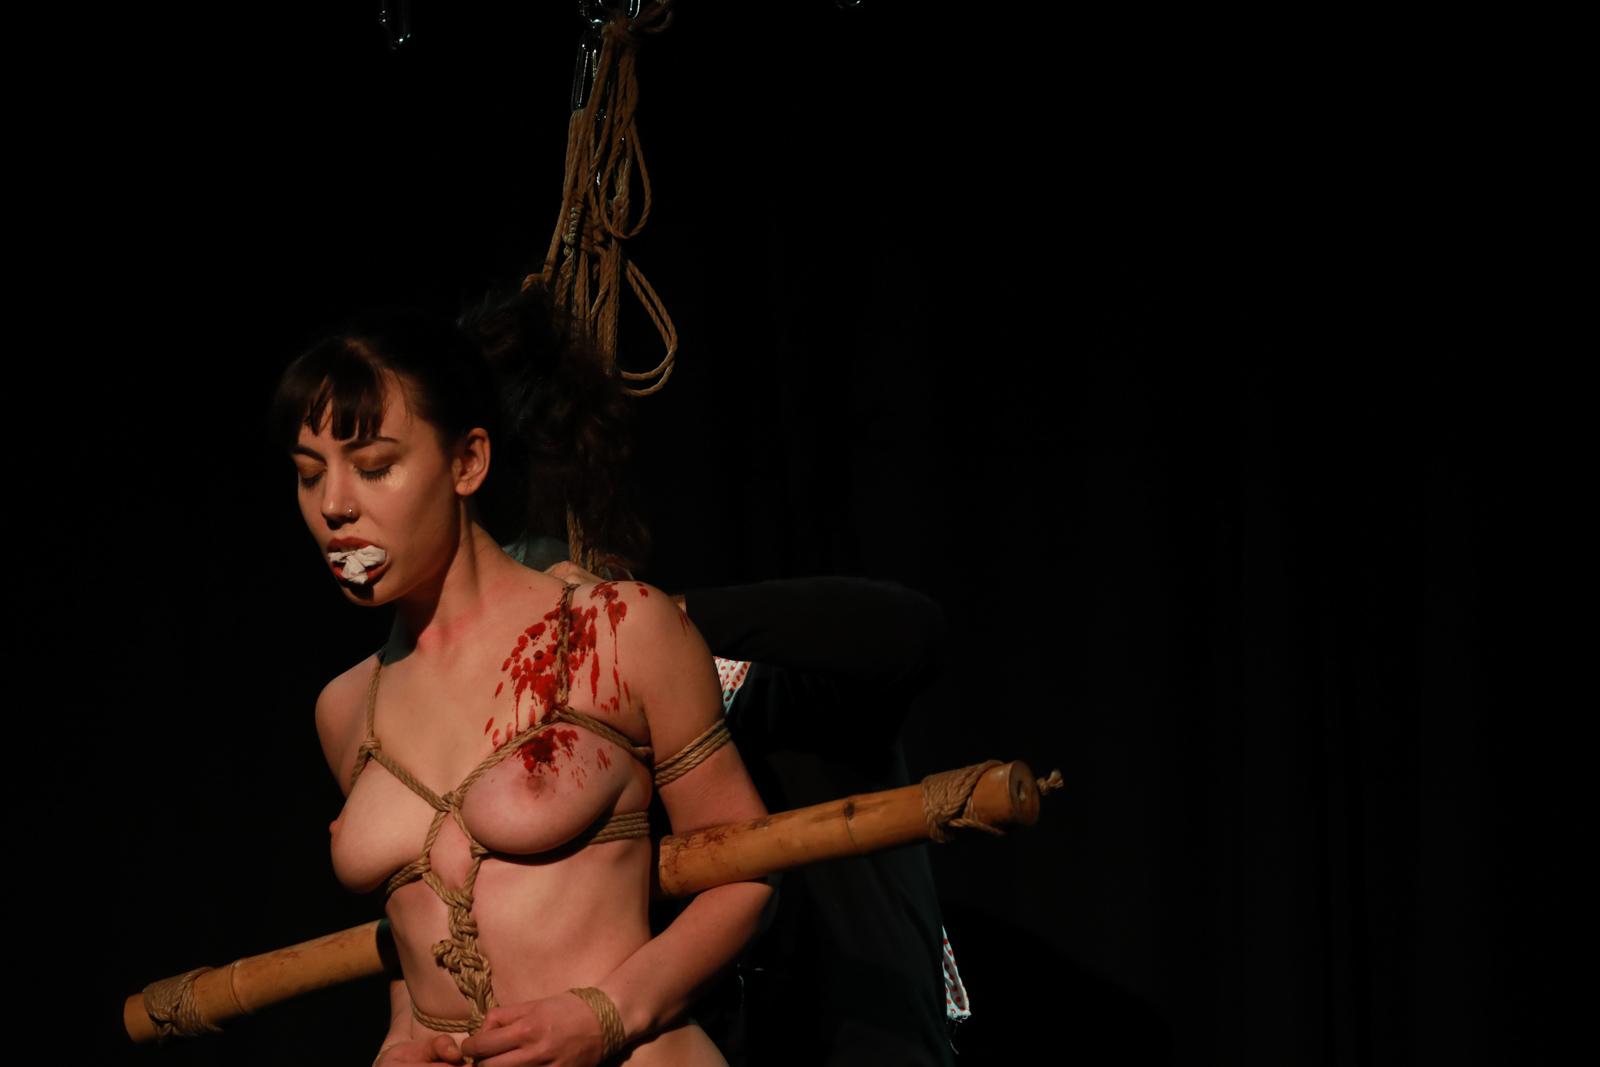 Shibari performance by Pedro and Gestalta at The Soap Box, London, December 2016